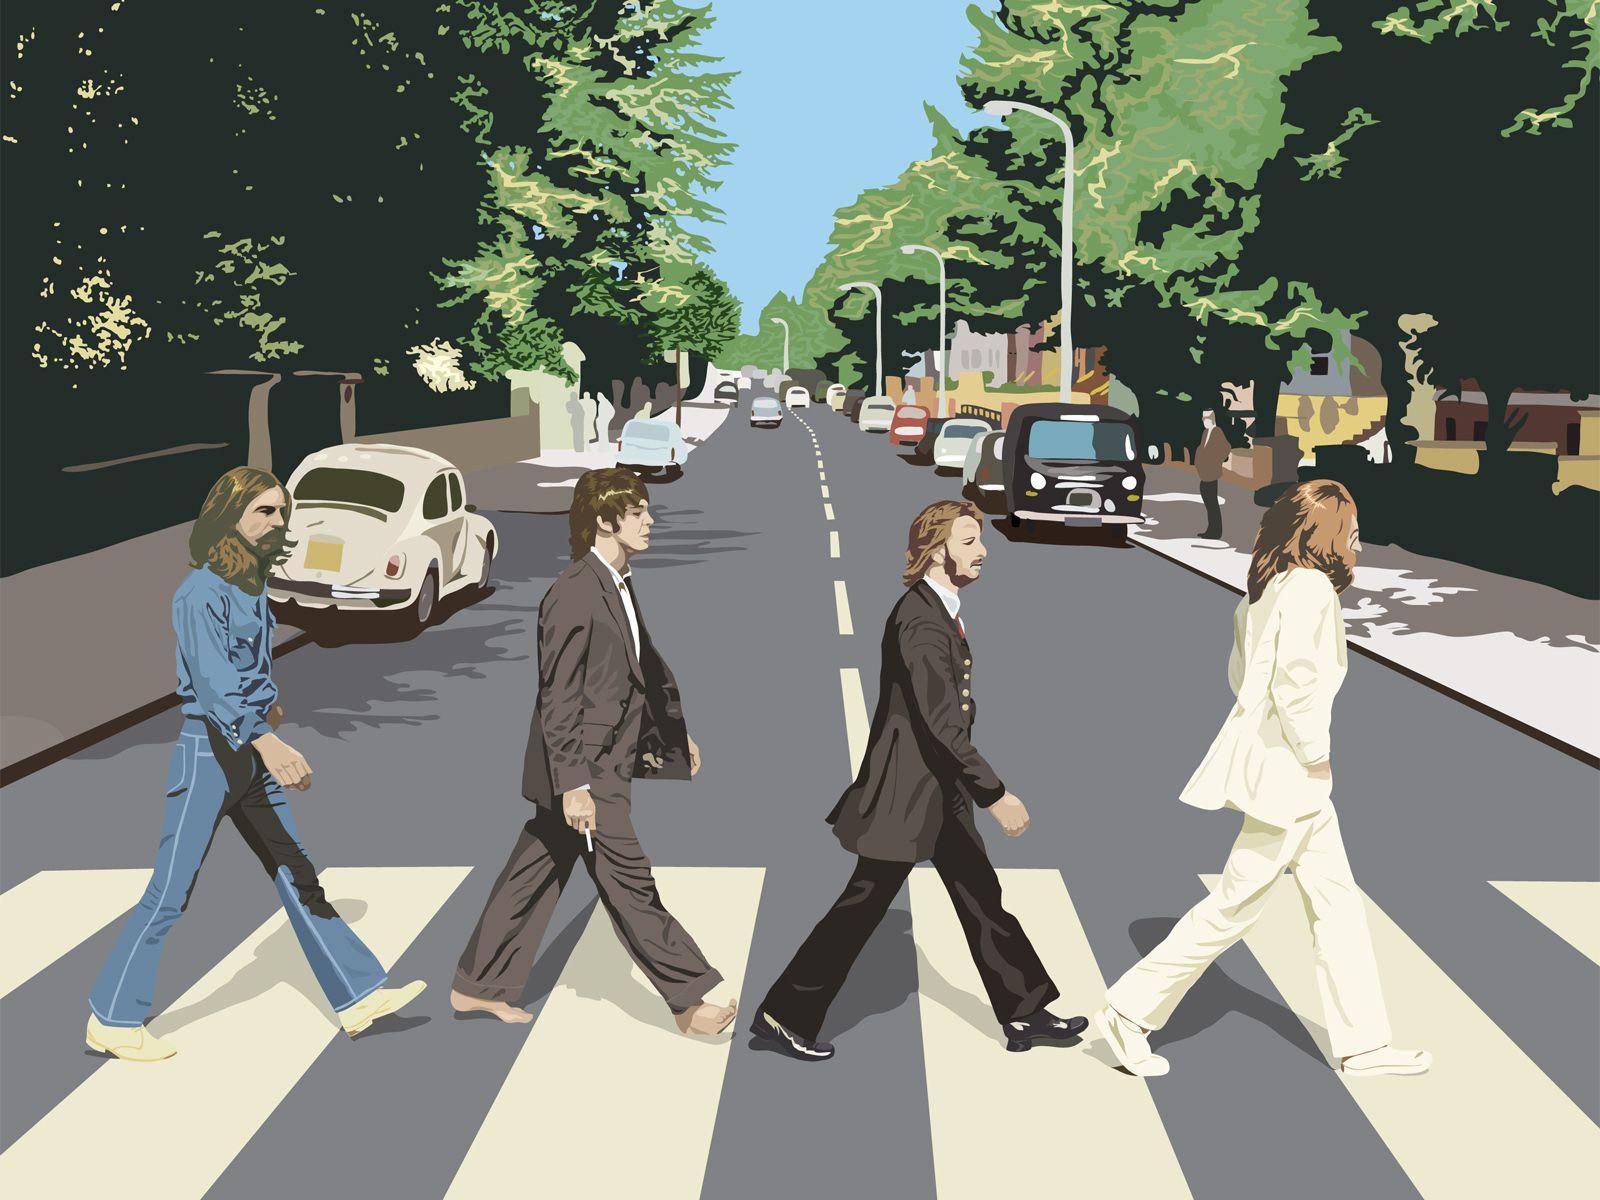 Fondos De Pantalla De Famosos: Música The Beatles Beetles Fondo De Pantalla